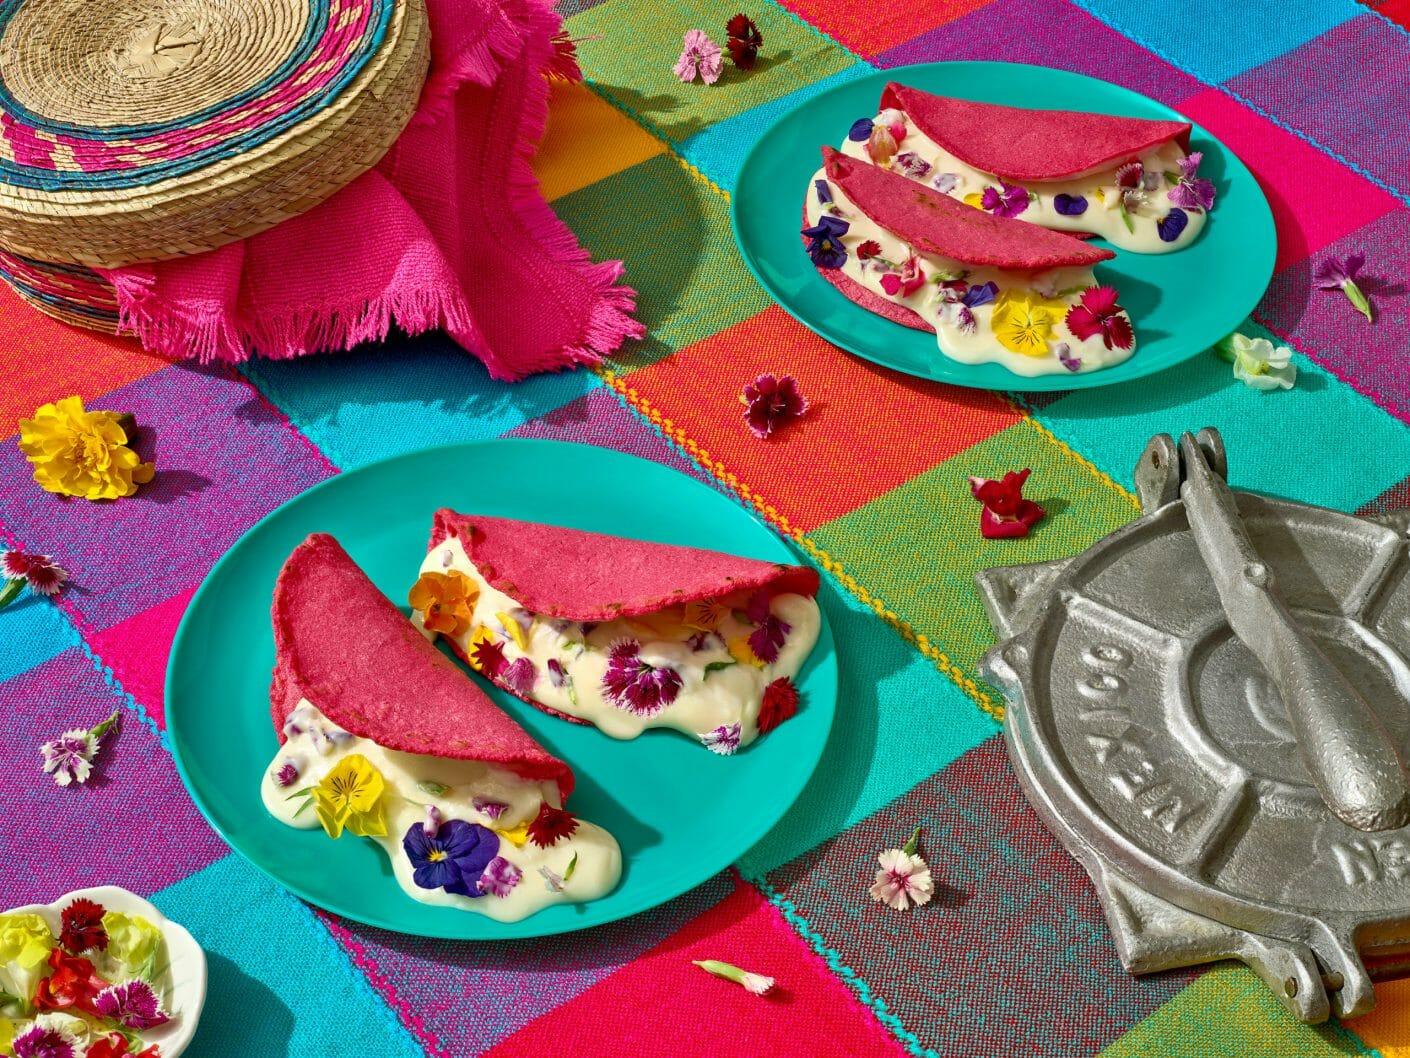 Assiettes de tacos roses dont sort une crème remplie de lfeurs